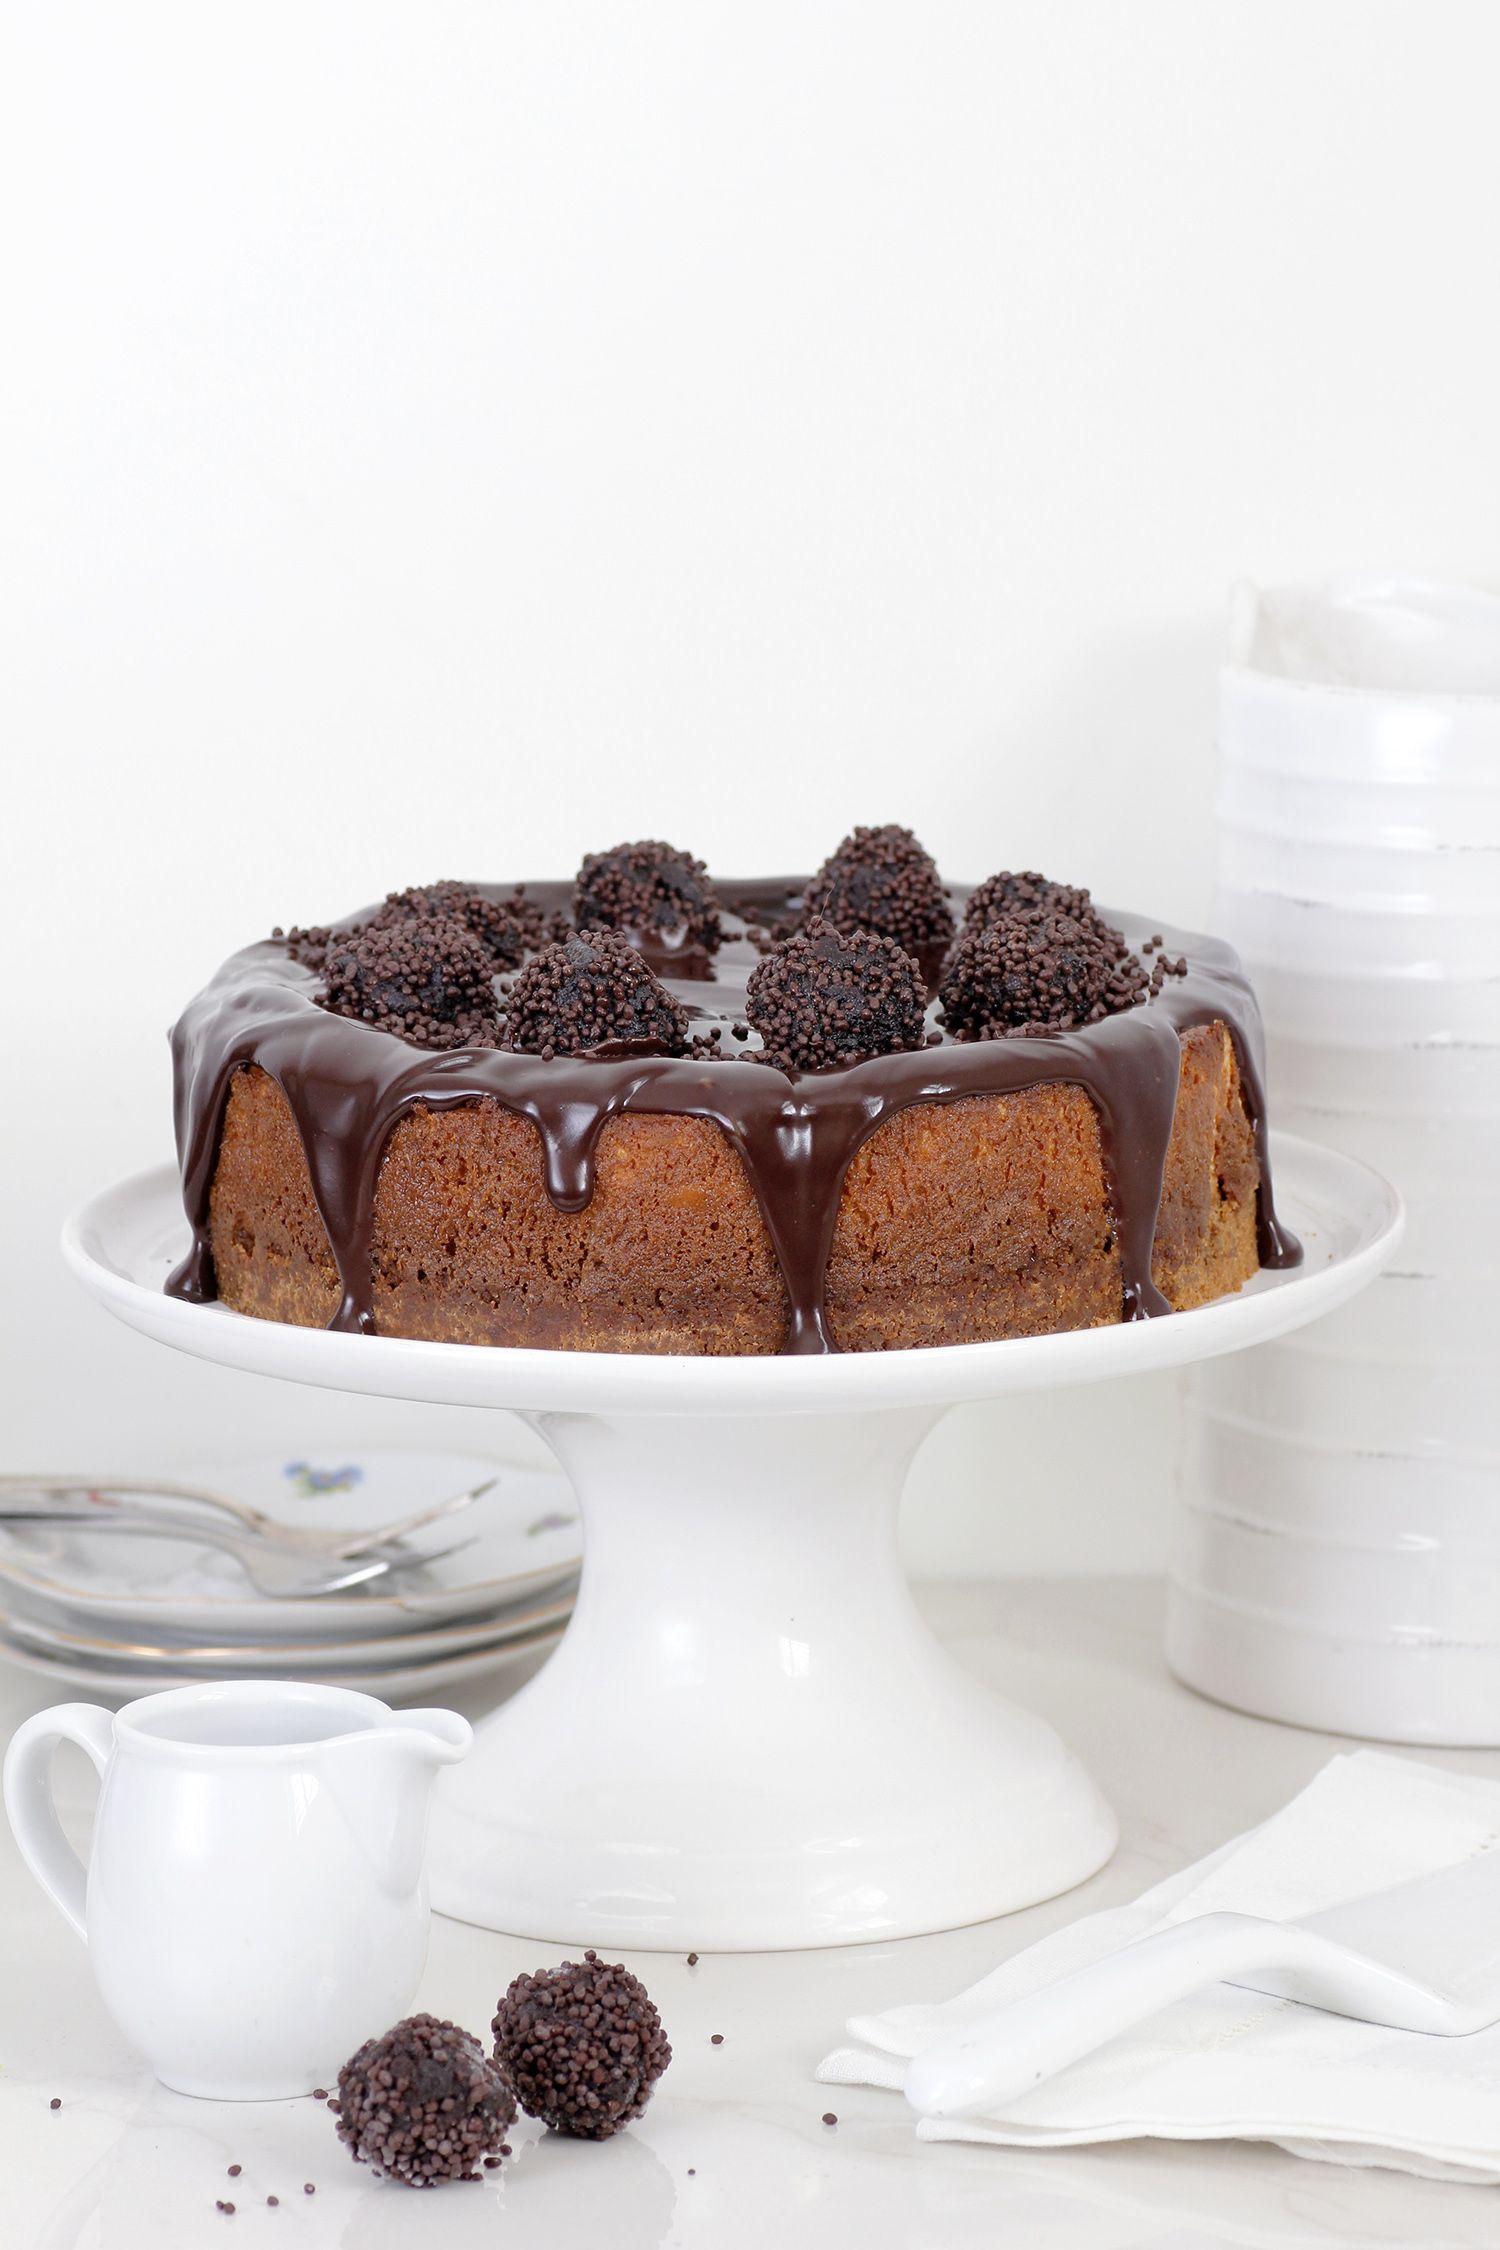 עוגת גבינה עם כדורי שוקולד